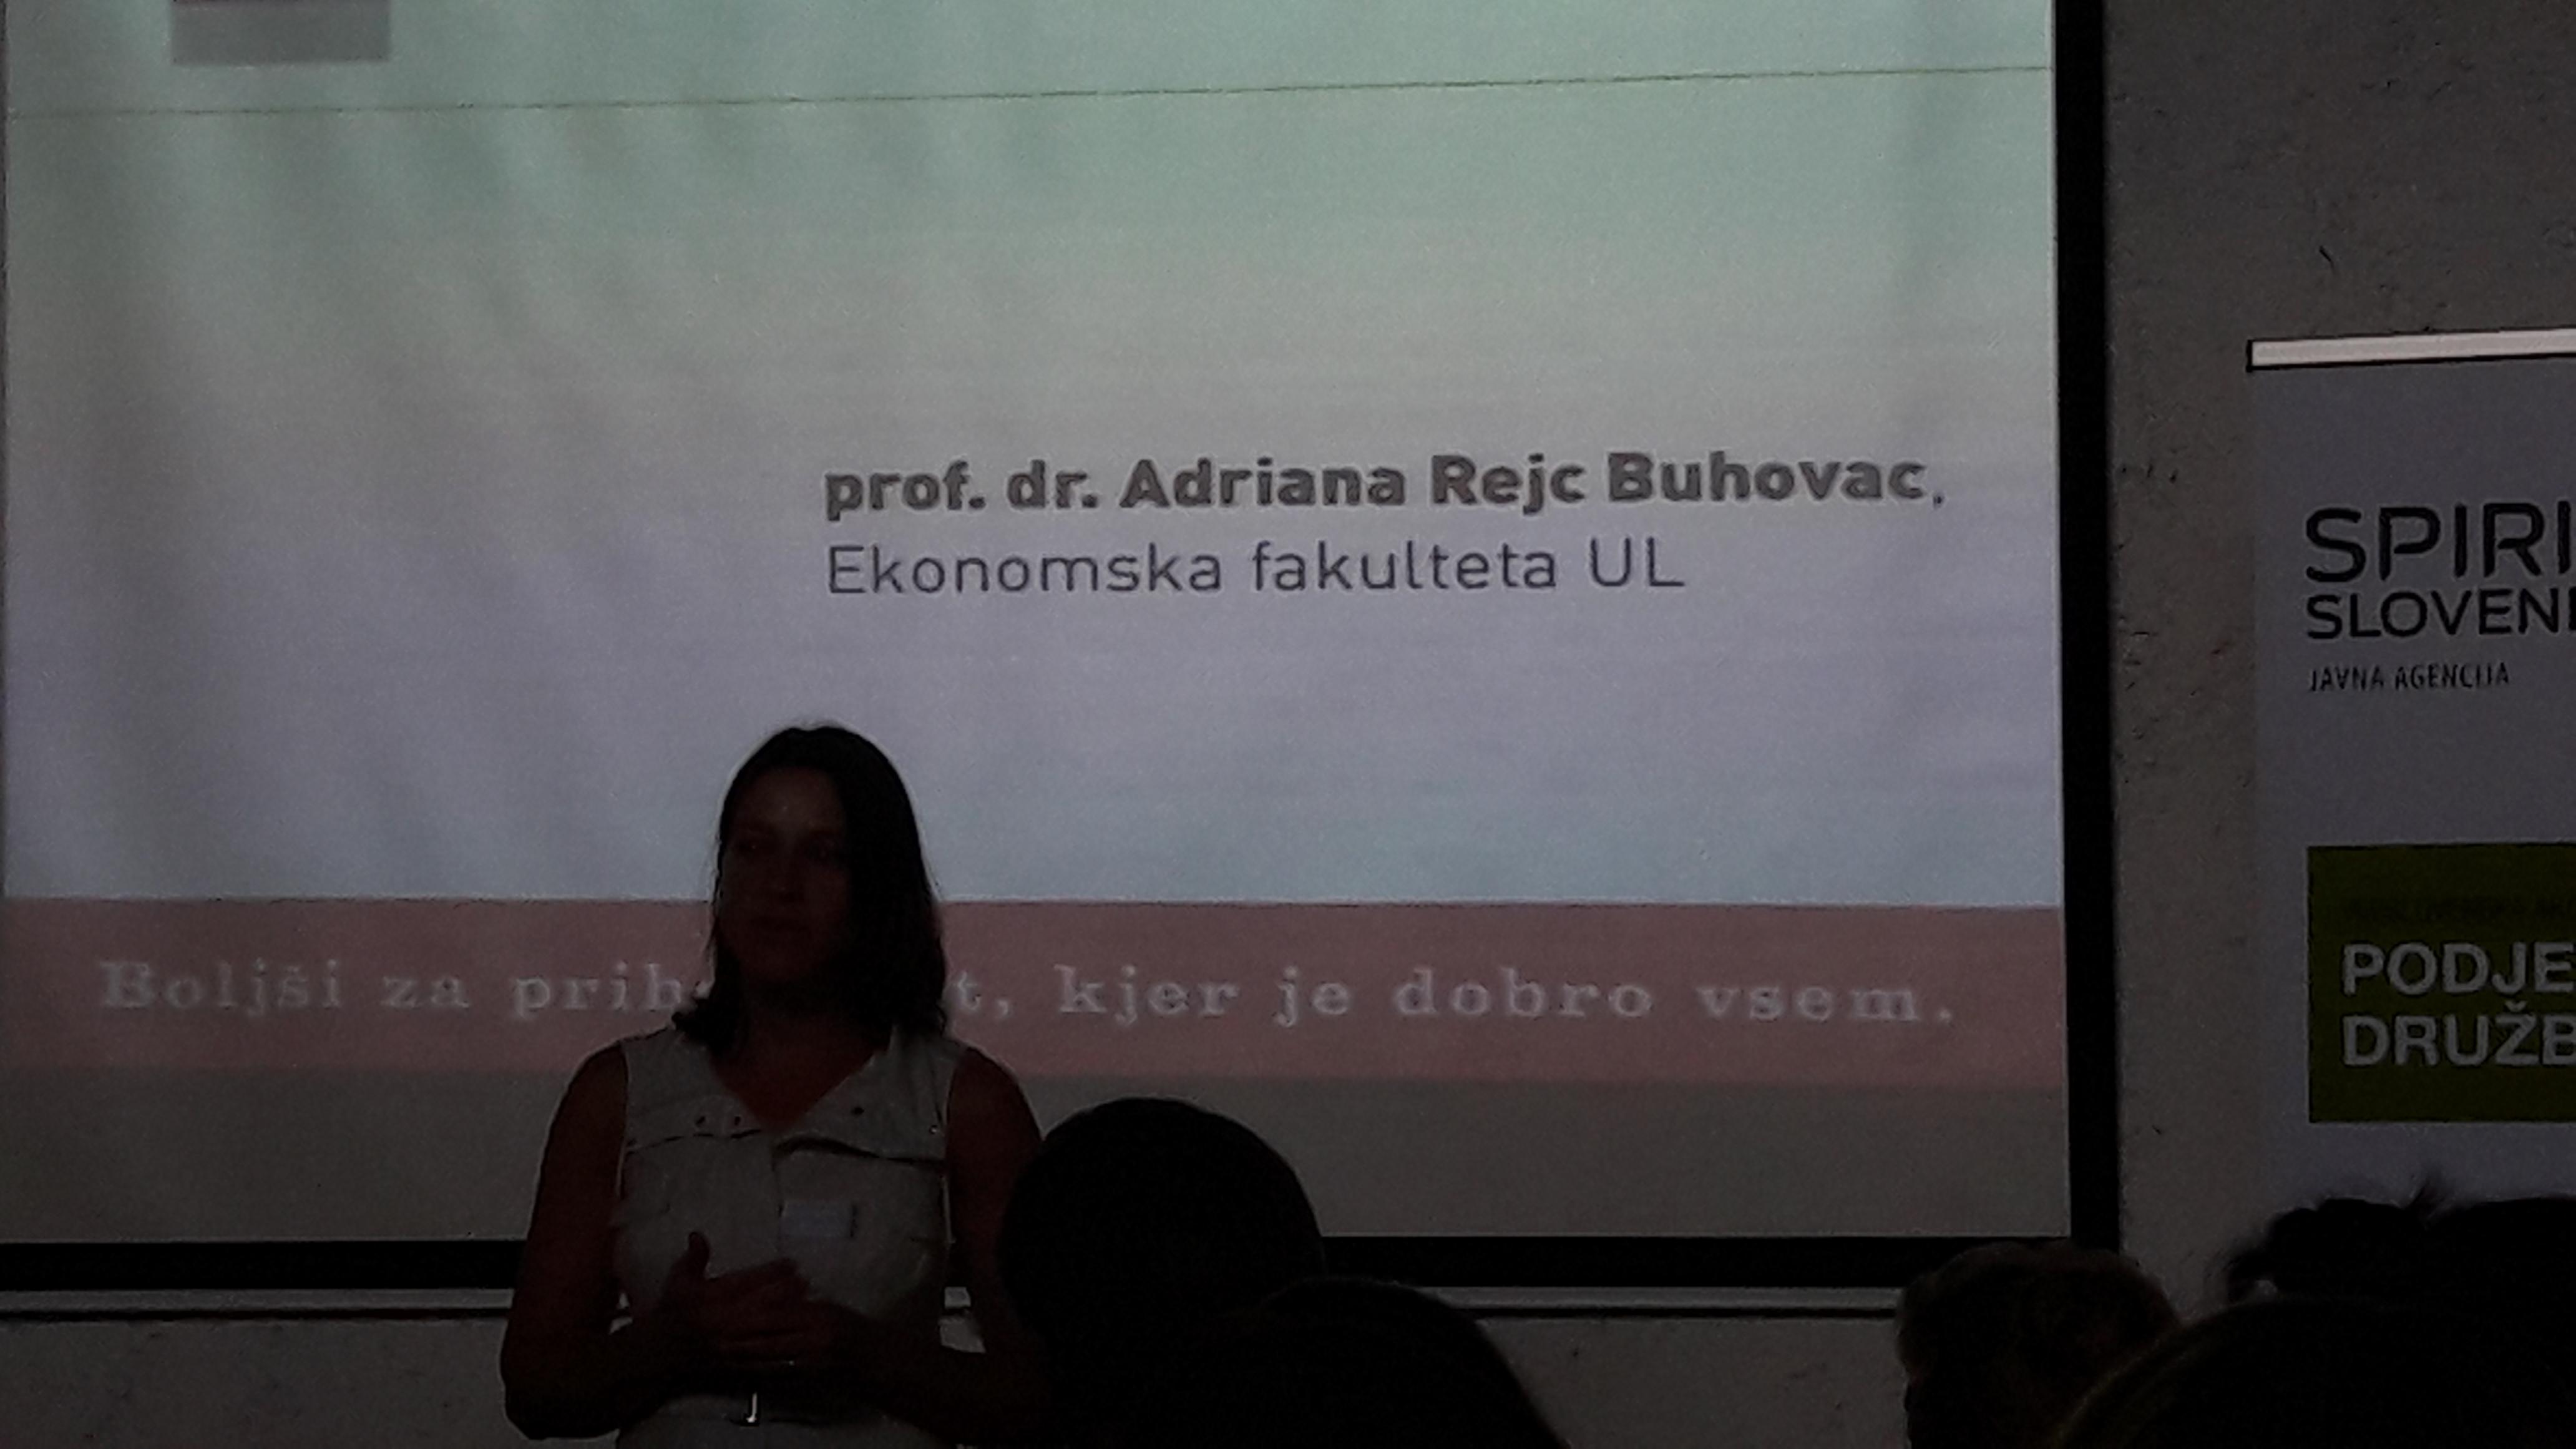 Vzpostavljanje trajnostnih poslovnih modelov v praksi - Dr. Adriana Rejc Buhovac 1